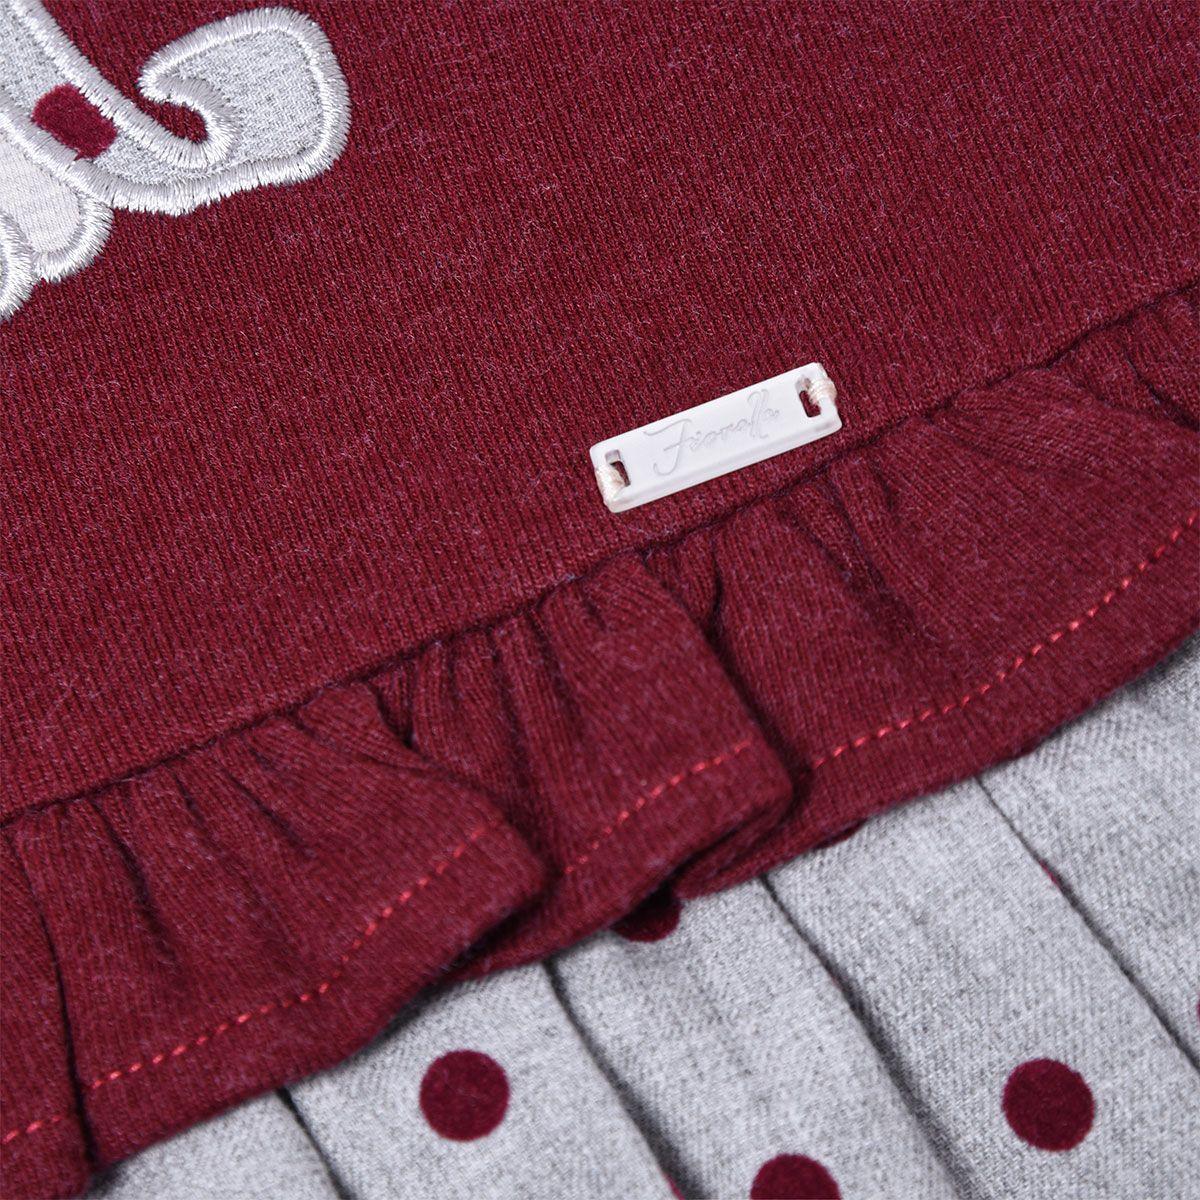 پیراهن دخترانه فیورلا مدل  خرس خالدار  کد 31515 -  - 4